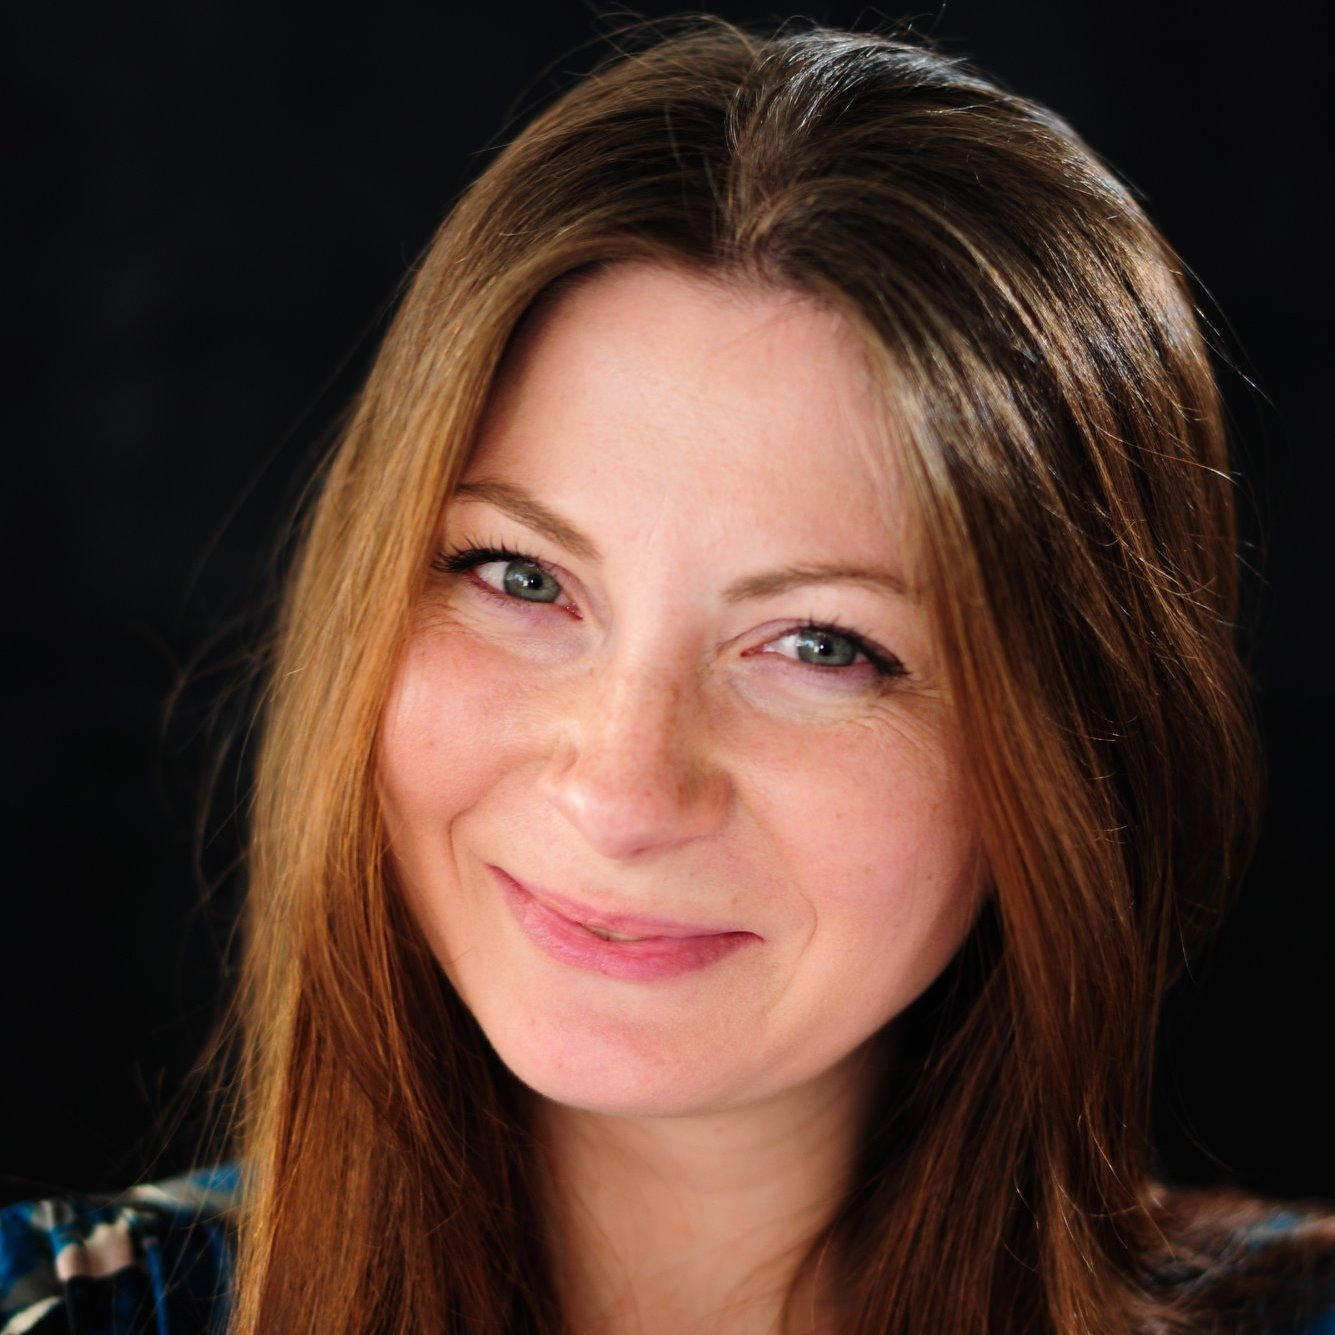 Interviu cu Olga Lopatsky, primul fotograf de nașteri din Moldova.